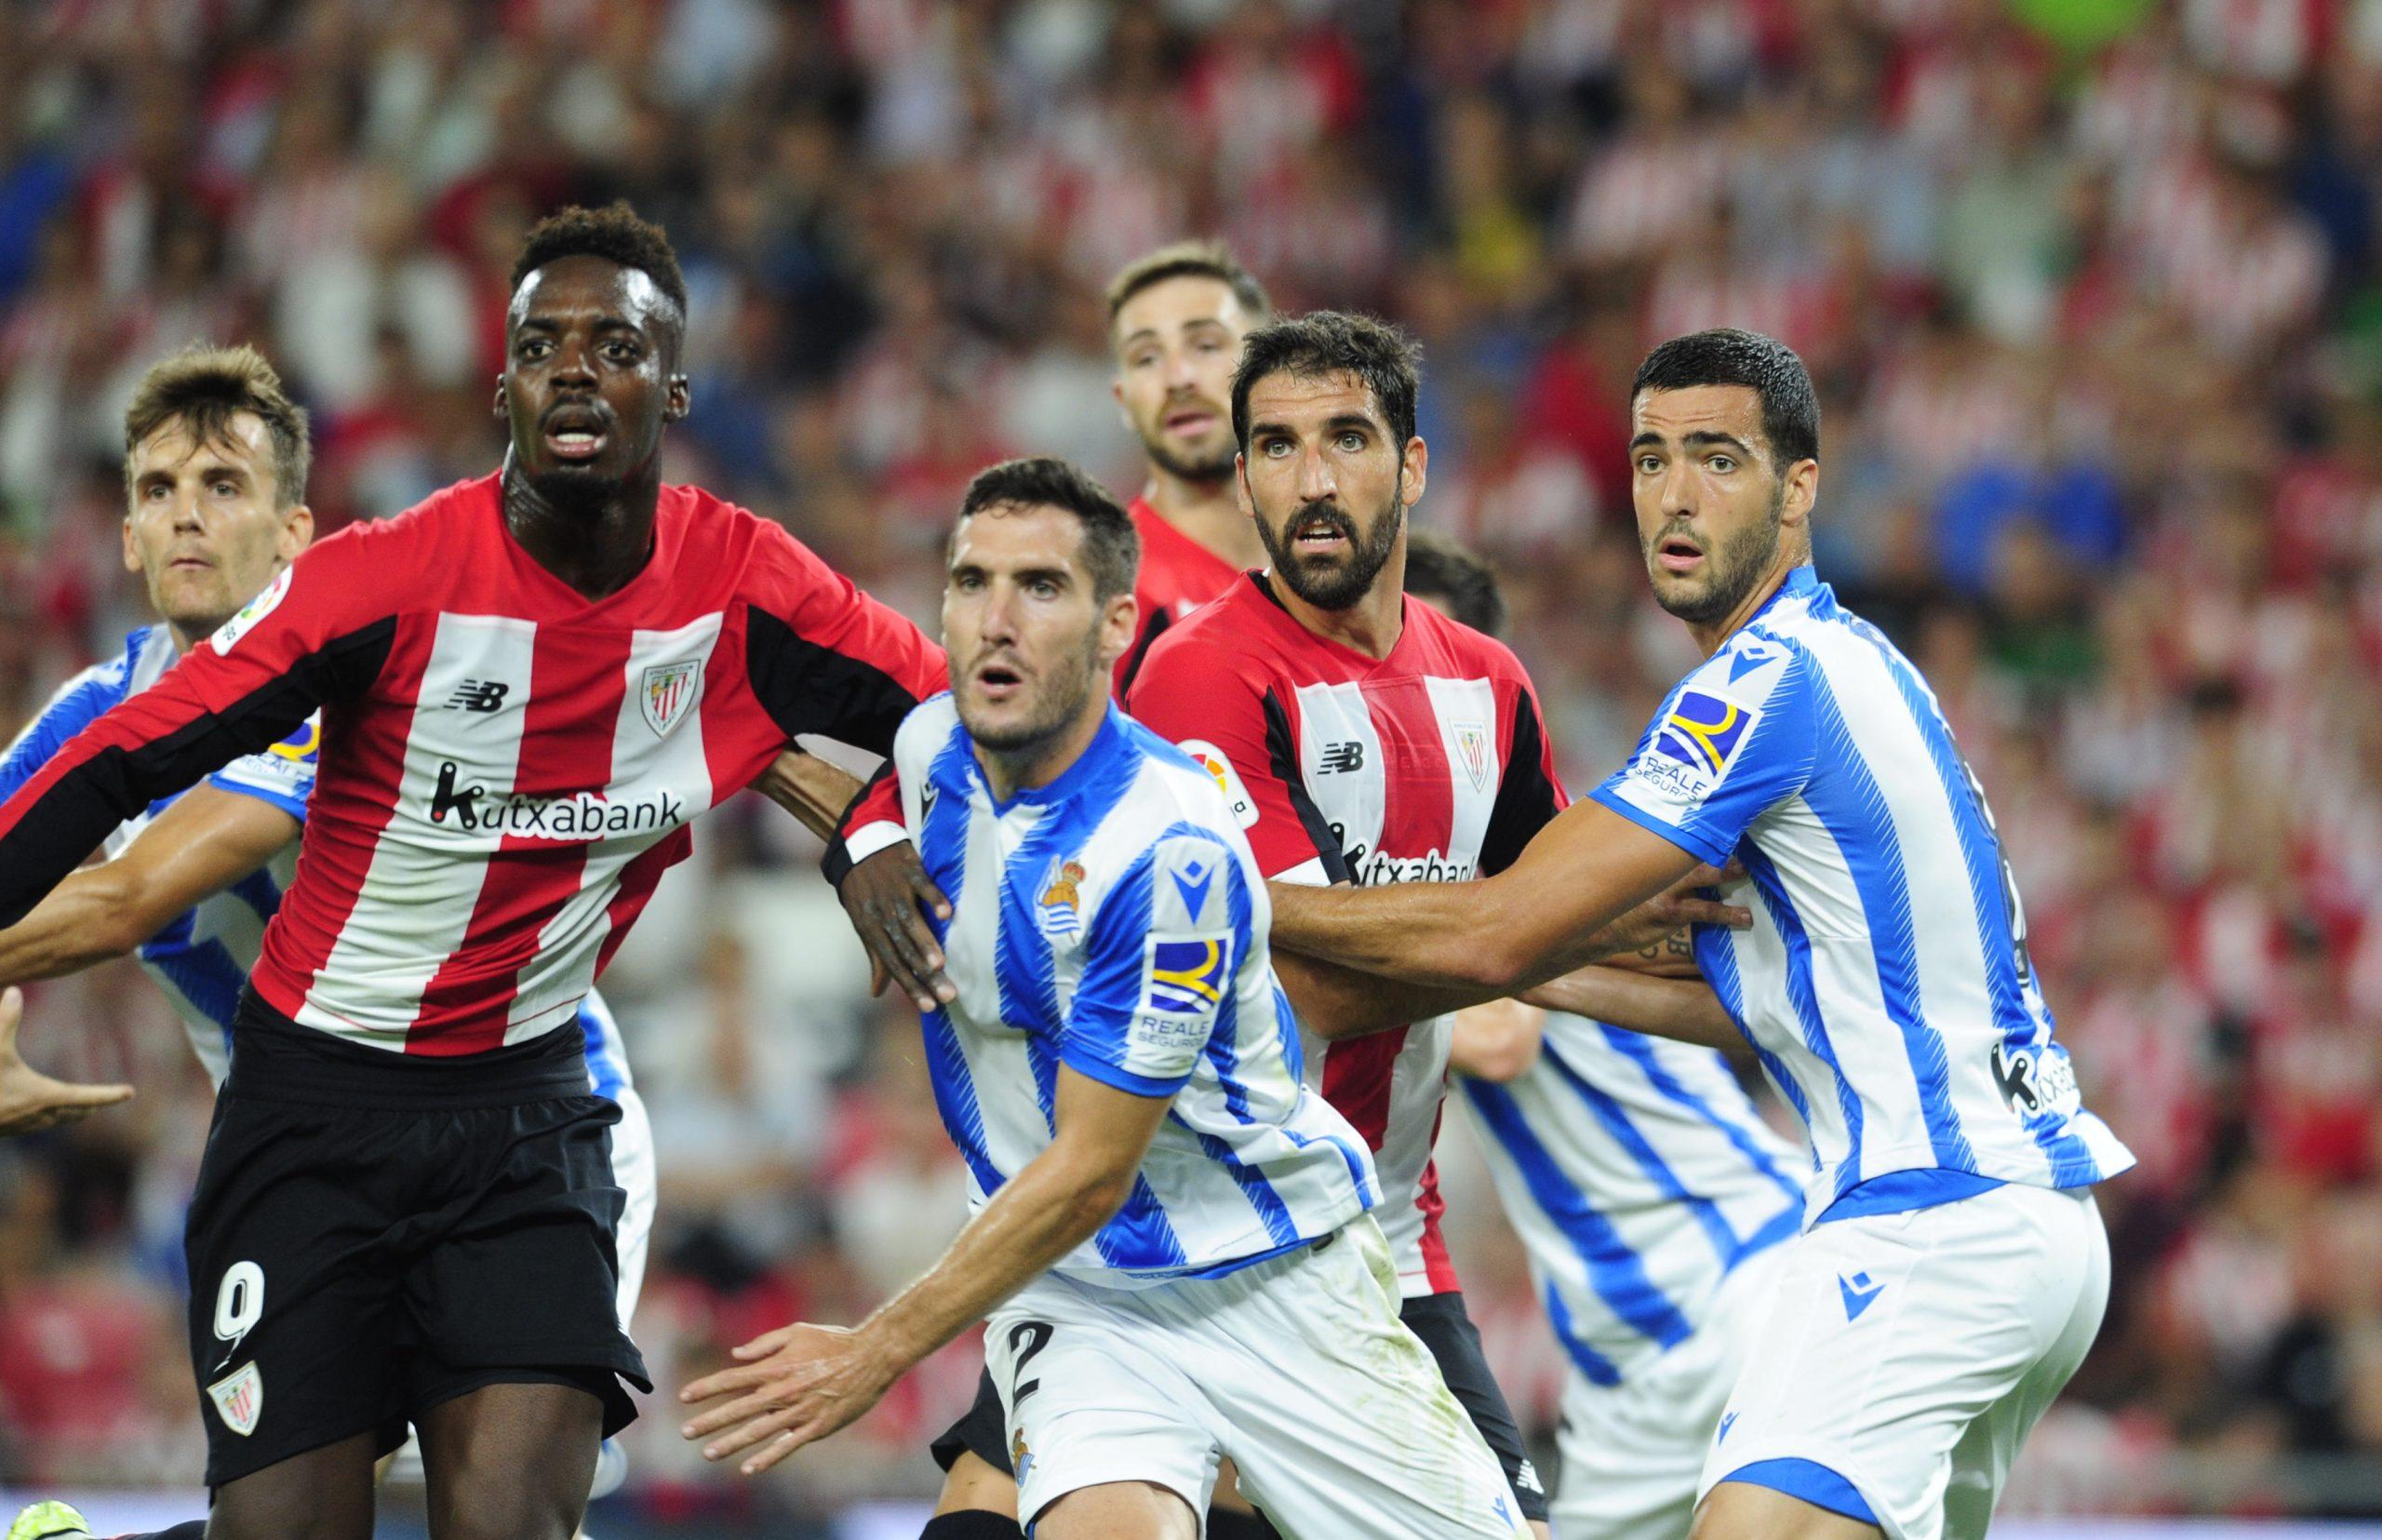 Athletic Vs Real Sociedad El Derbi Vasco Para Cerrar El